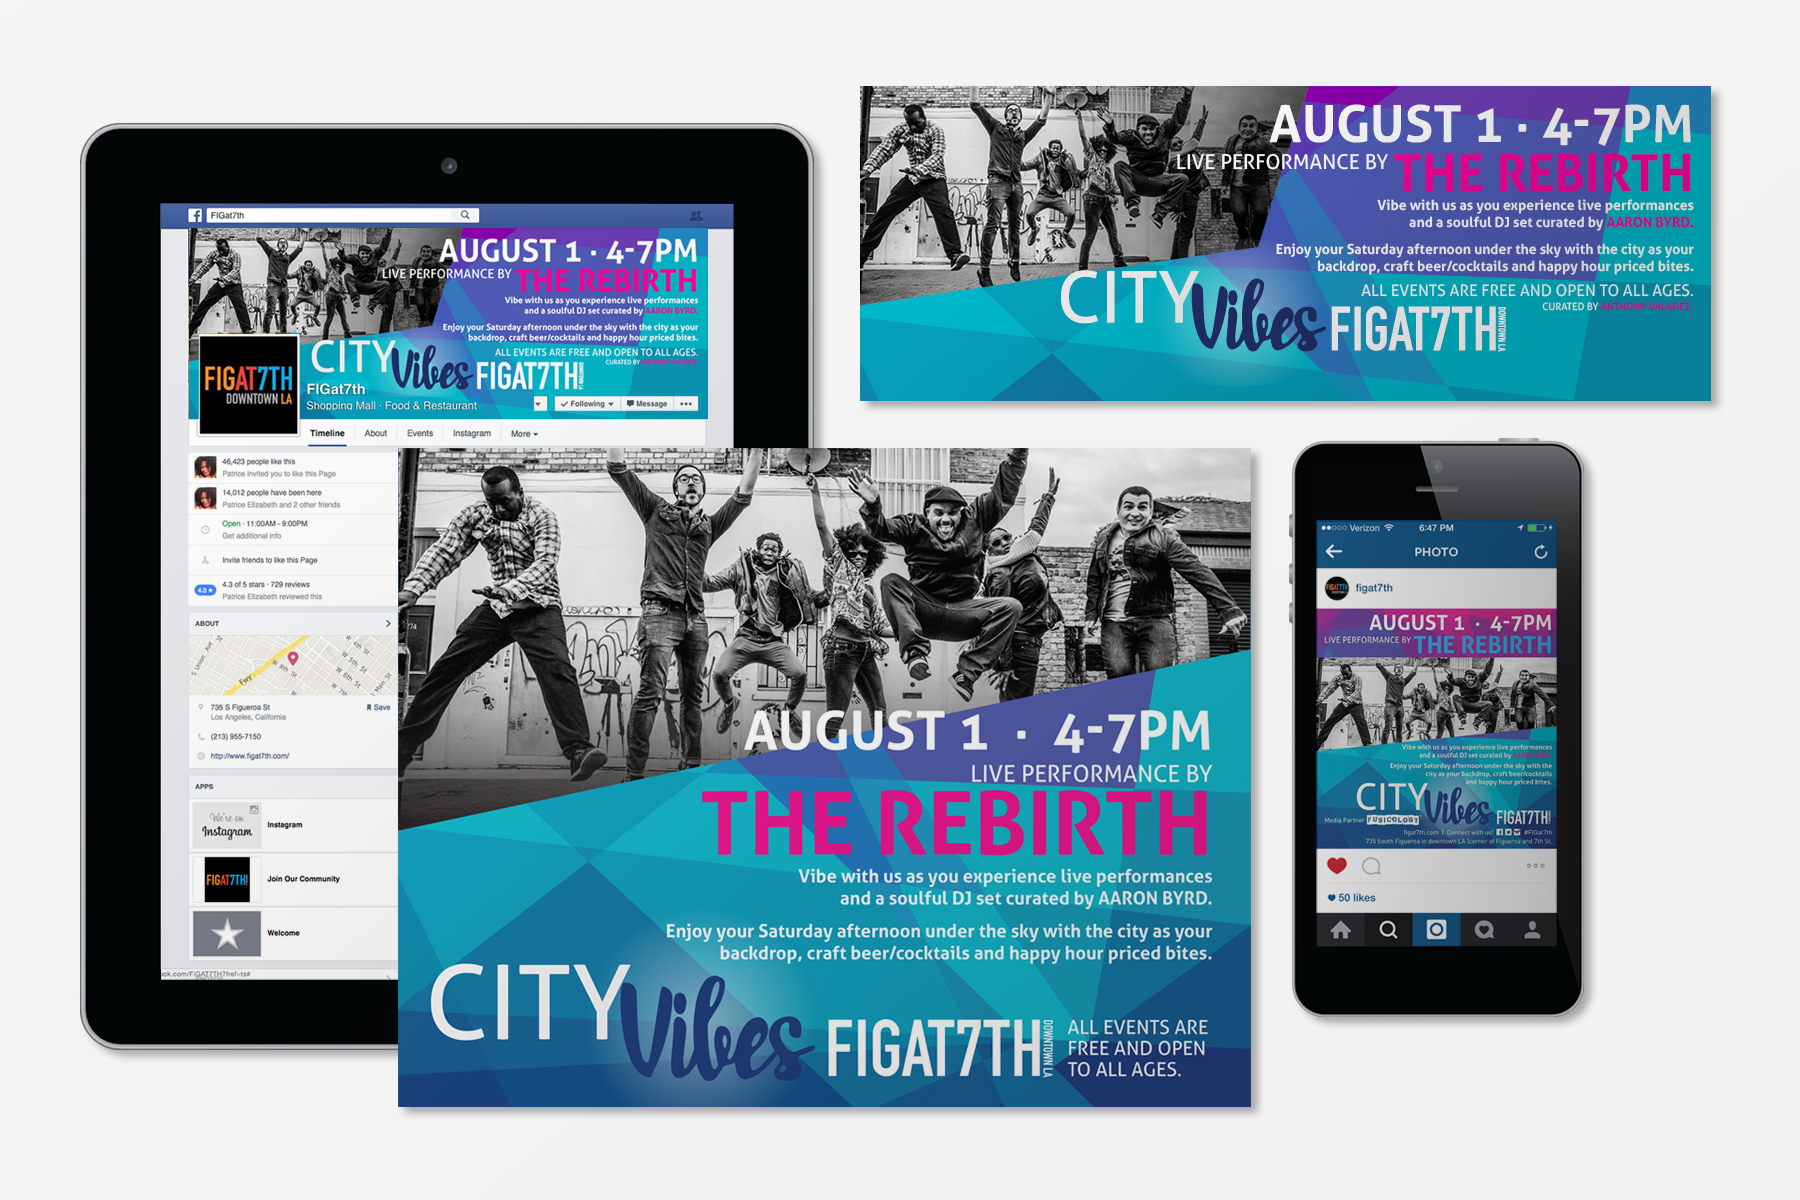 FigAt7th-CityVibes_web1.jpg